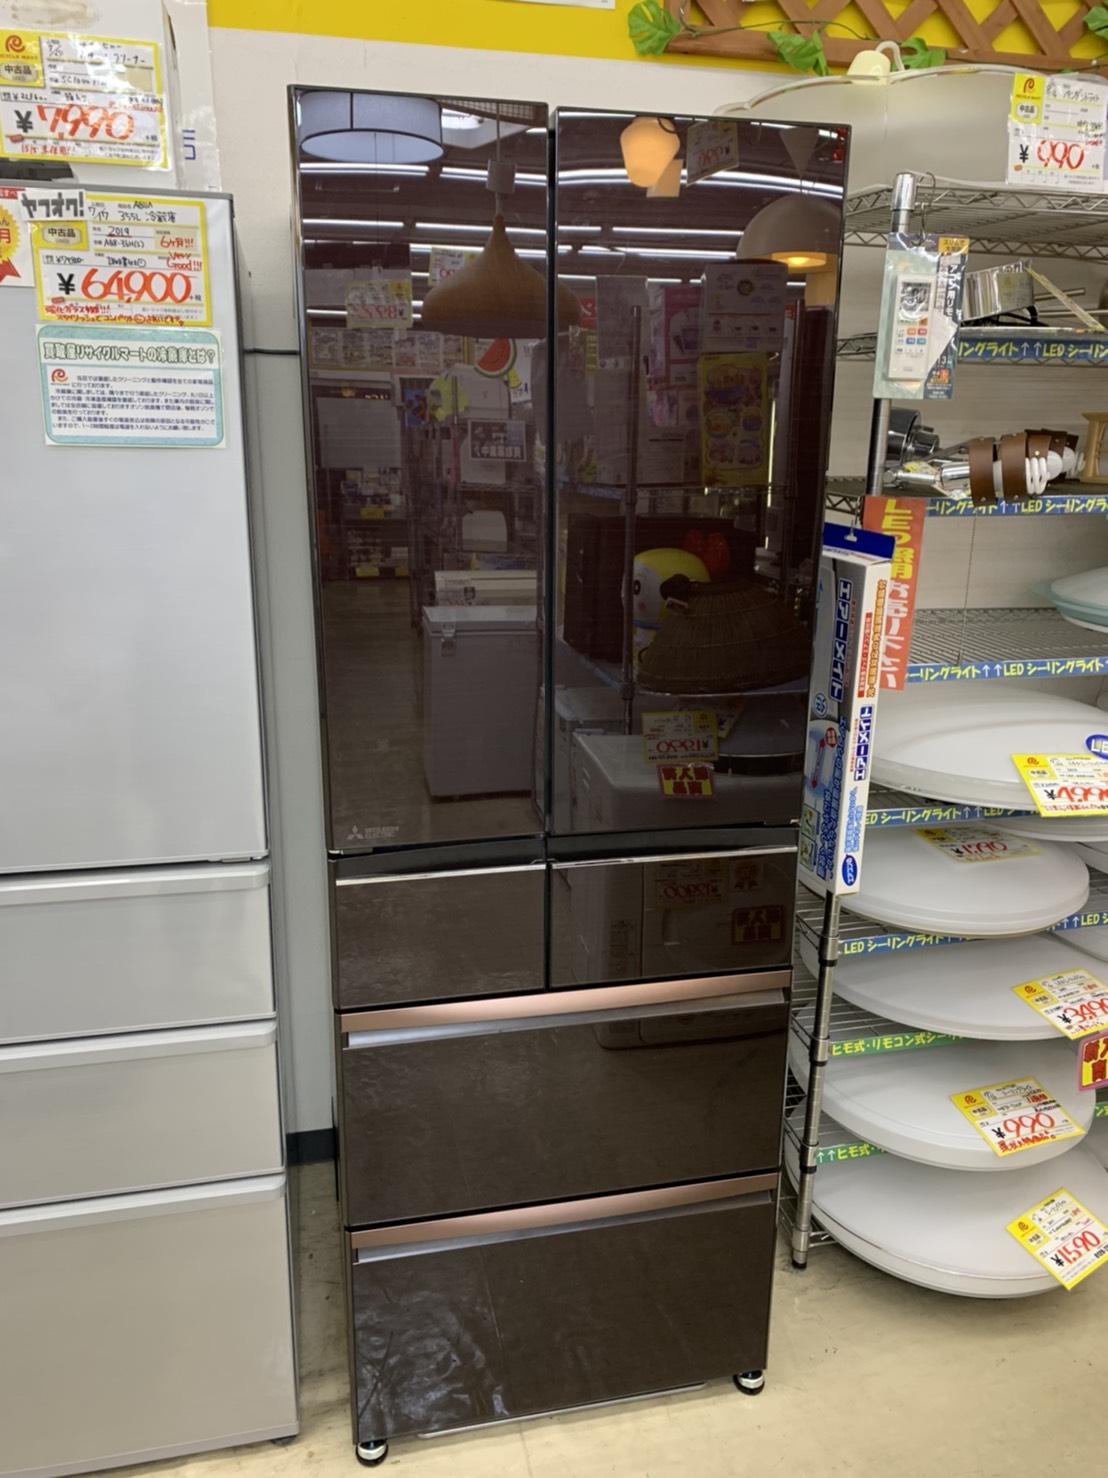 【MITSUBISHI 三菱 517L冷蔵庫 2019年式 MR-WX52D-ER】を買取いたしました!!の買取-